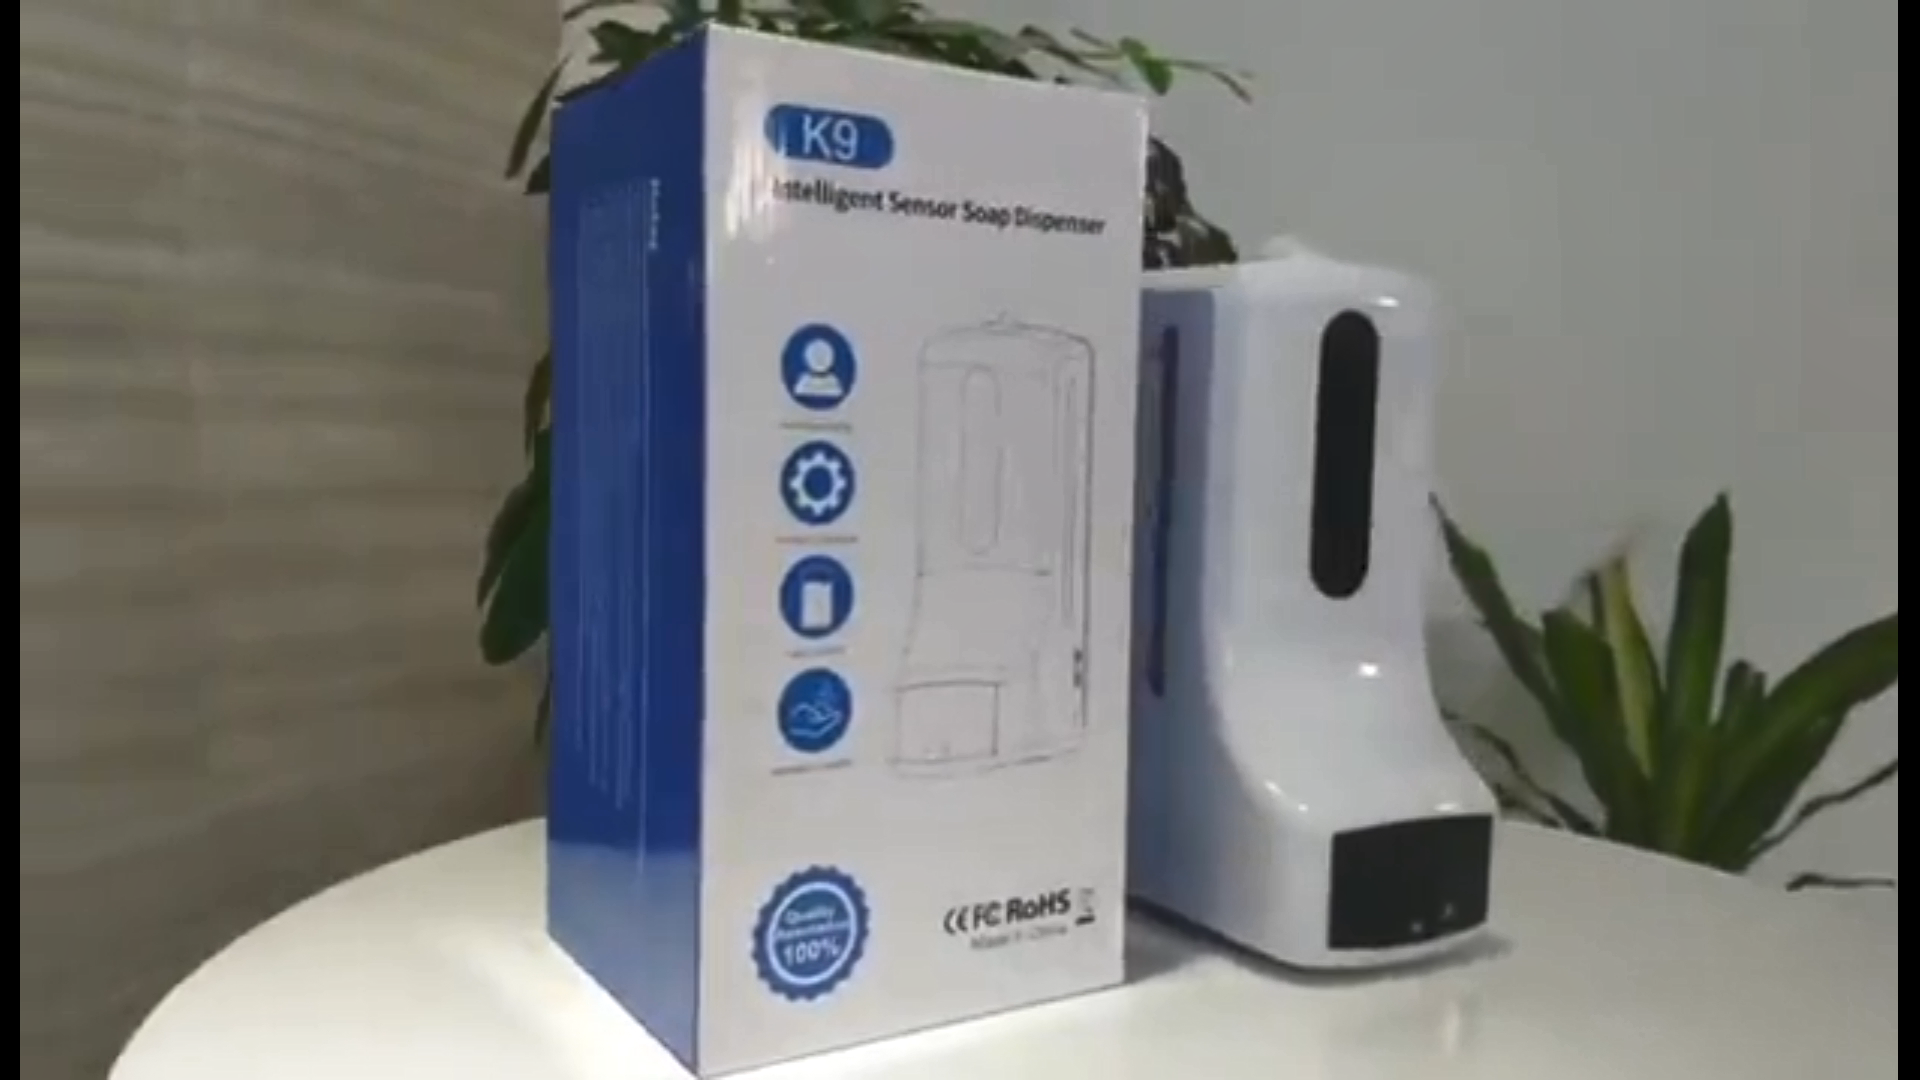 K9ตู้ทำสบู่อัตโนมัติระบบตรวจสอบอุณหภูมิแบบไร้สัมผัส,ตู้จ่ายสบู่อัตโนมัติในประเทศจีน